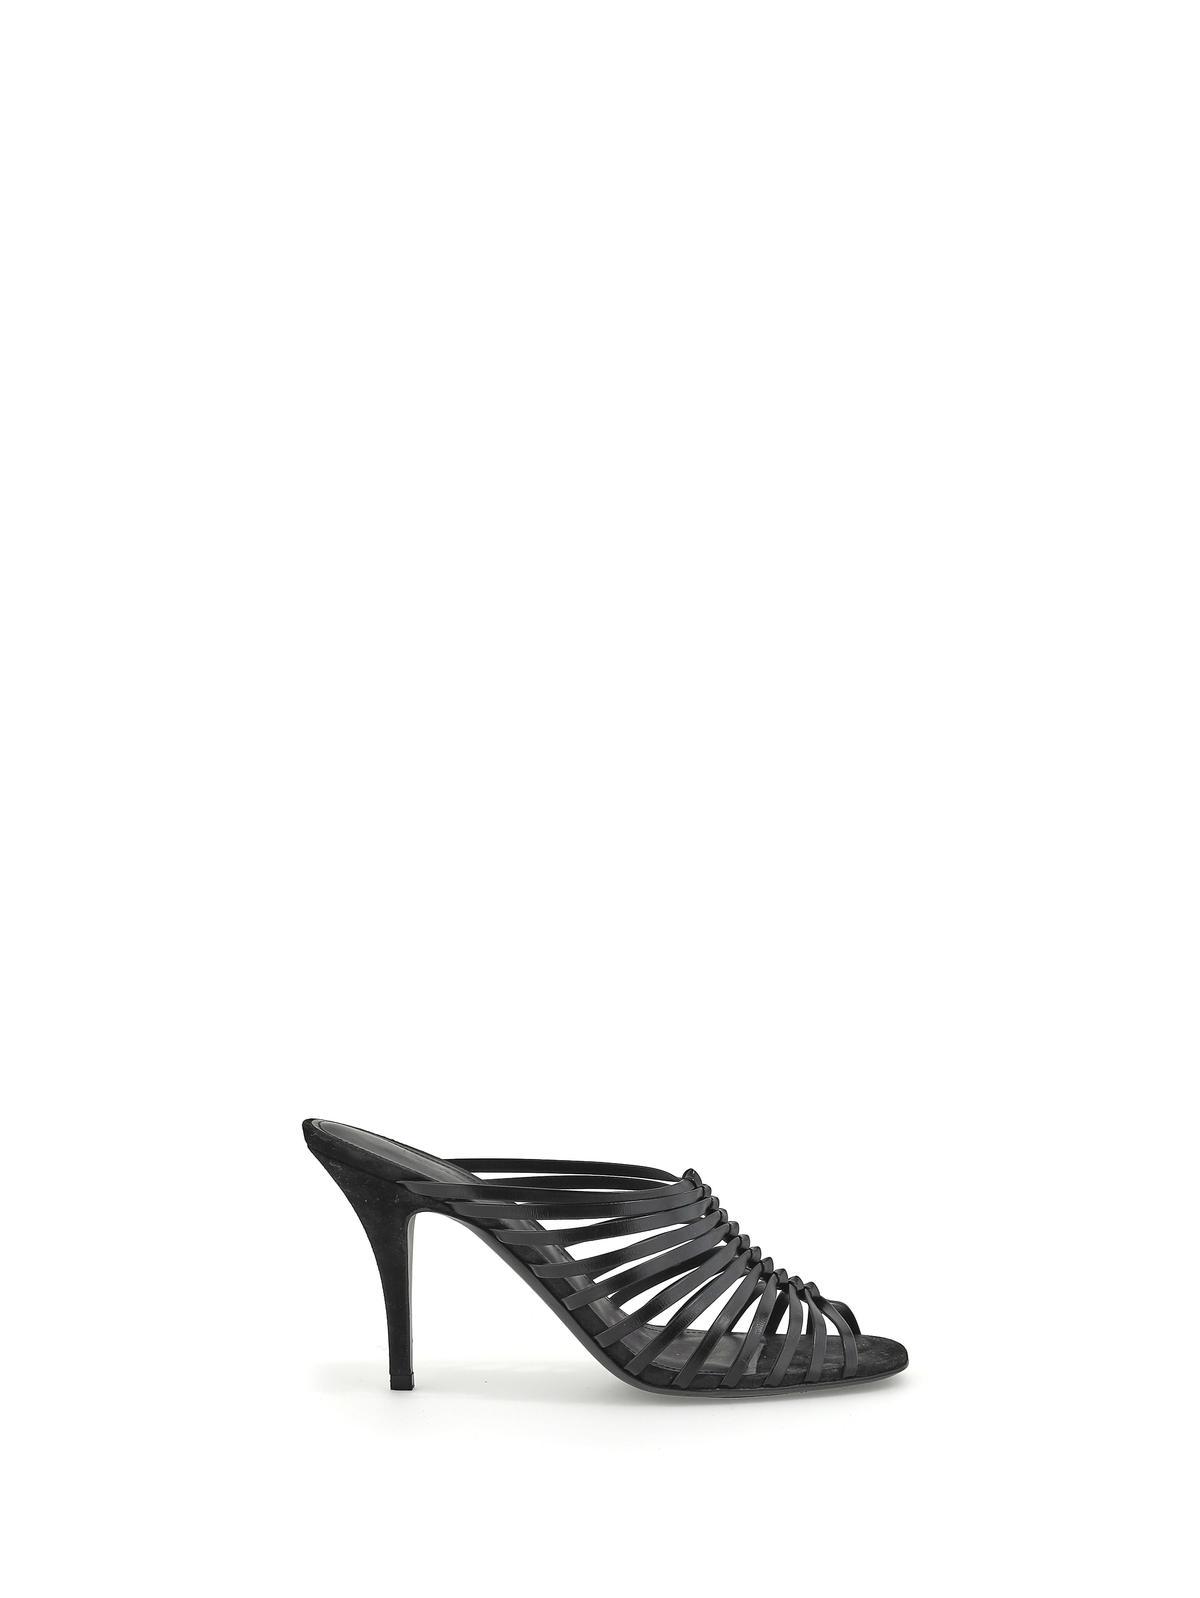 黑色山羊皮高跟涼鞋 NT$32,500。(Ferragamo提供)